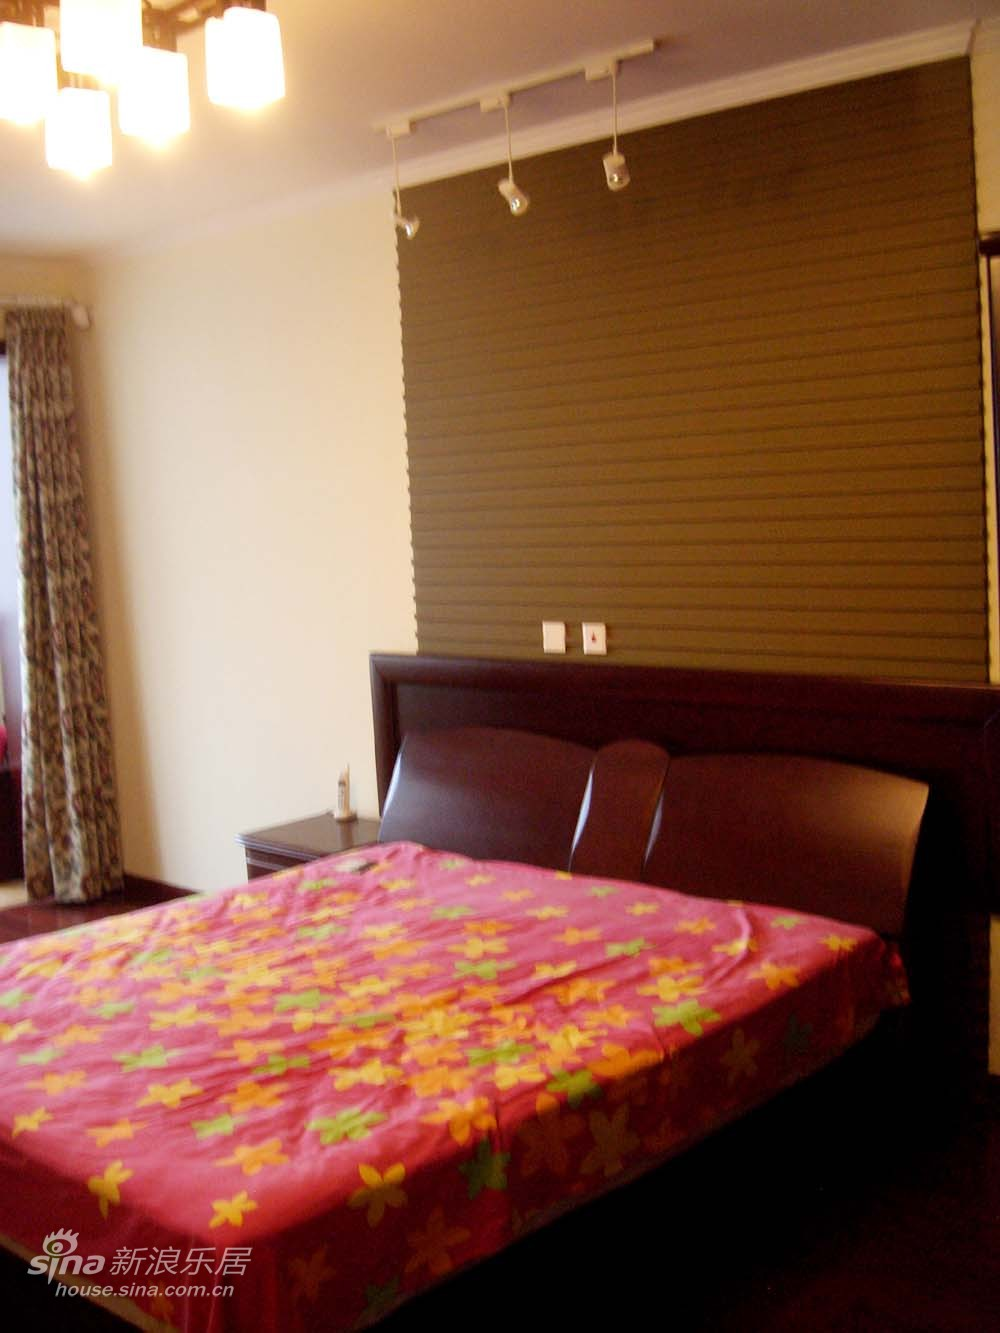 其他 别墅 卧室图片来自用户2558757937在6招巧改新房格局87的分享